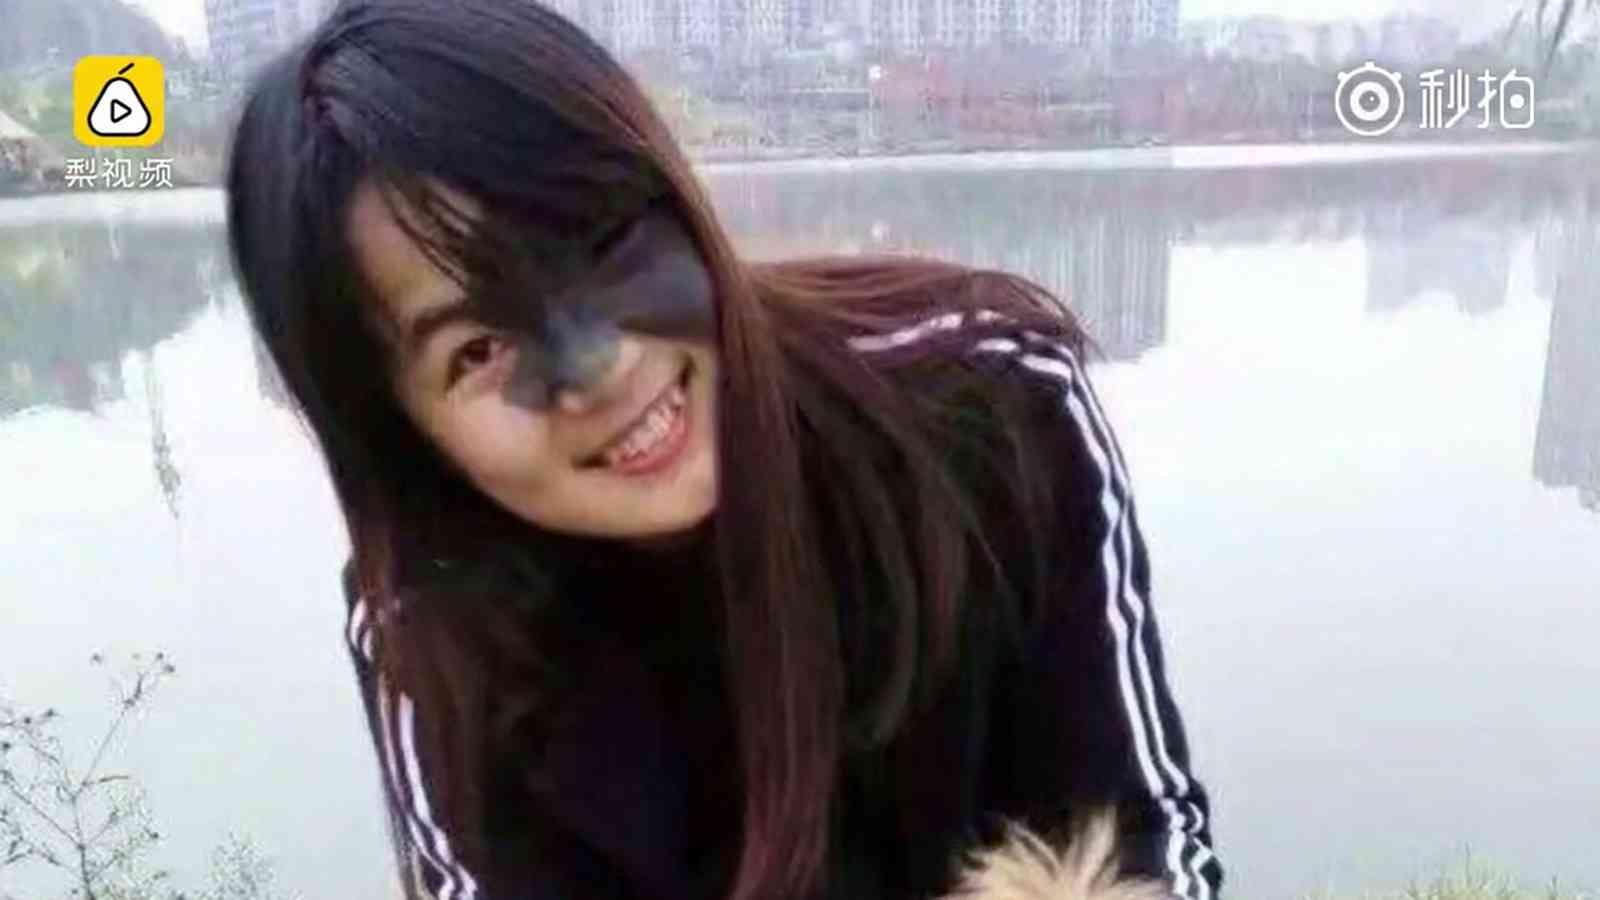 【超閲覧注意】23歳の美女、シミ跡治療のために顔を風船のように膨らますハメに 「ひょうたん女」と中国で話題に